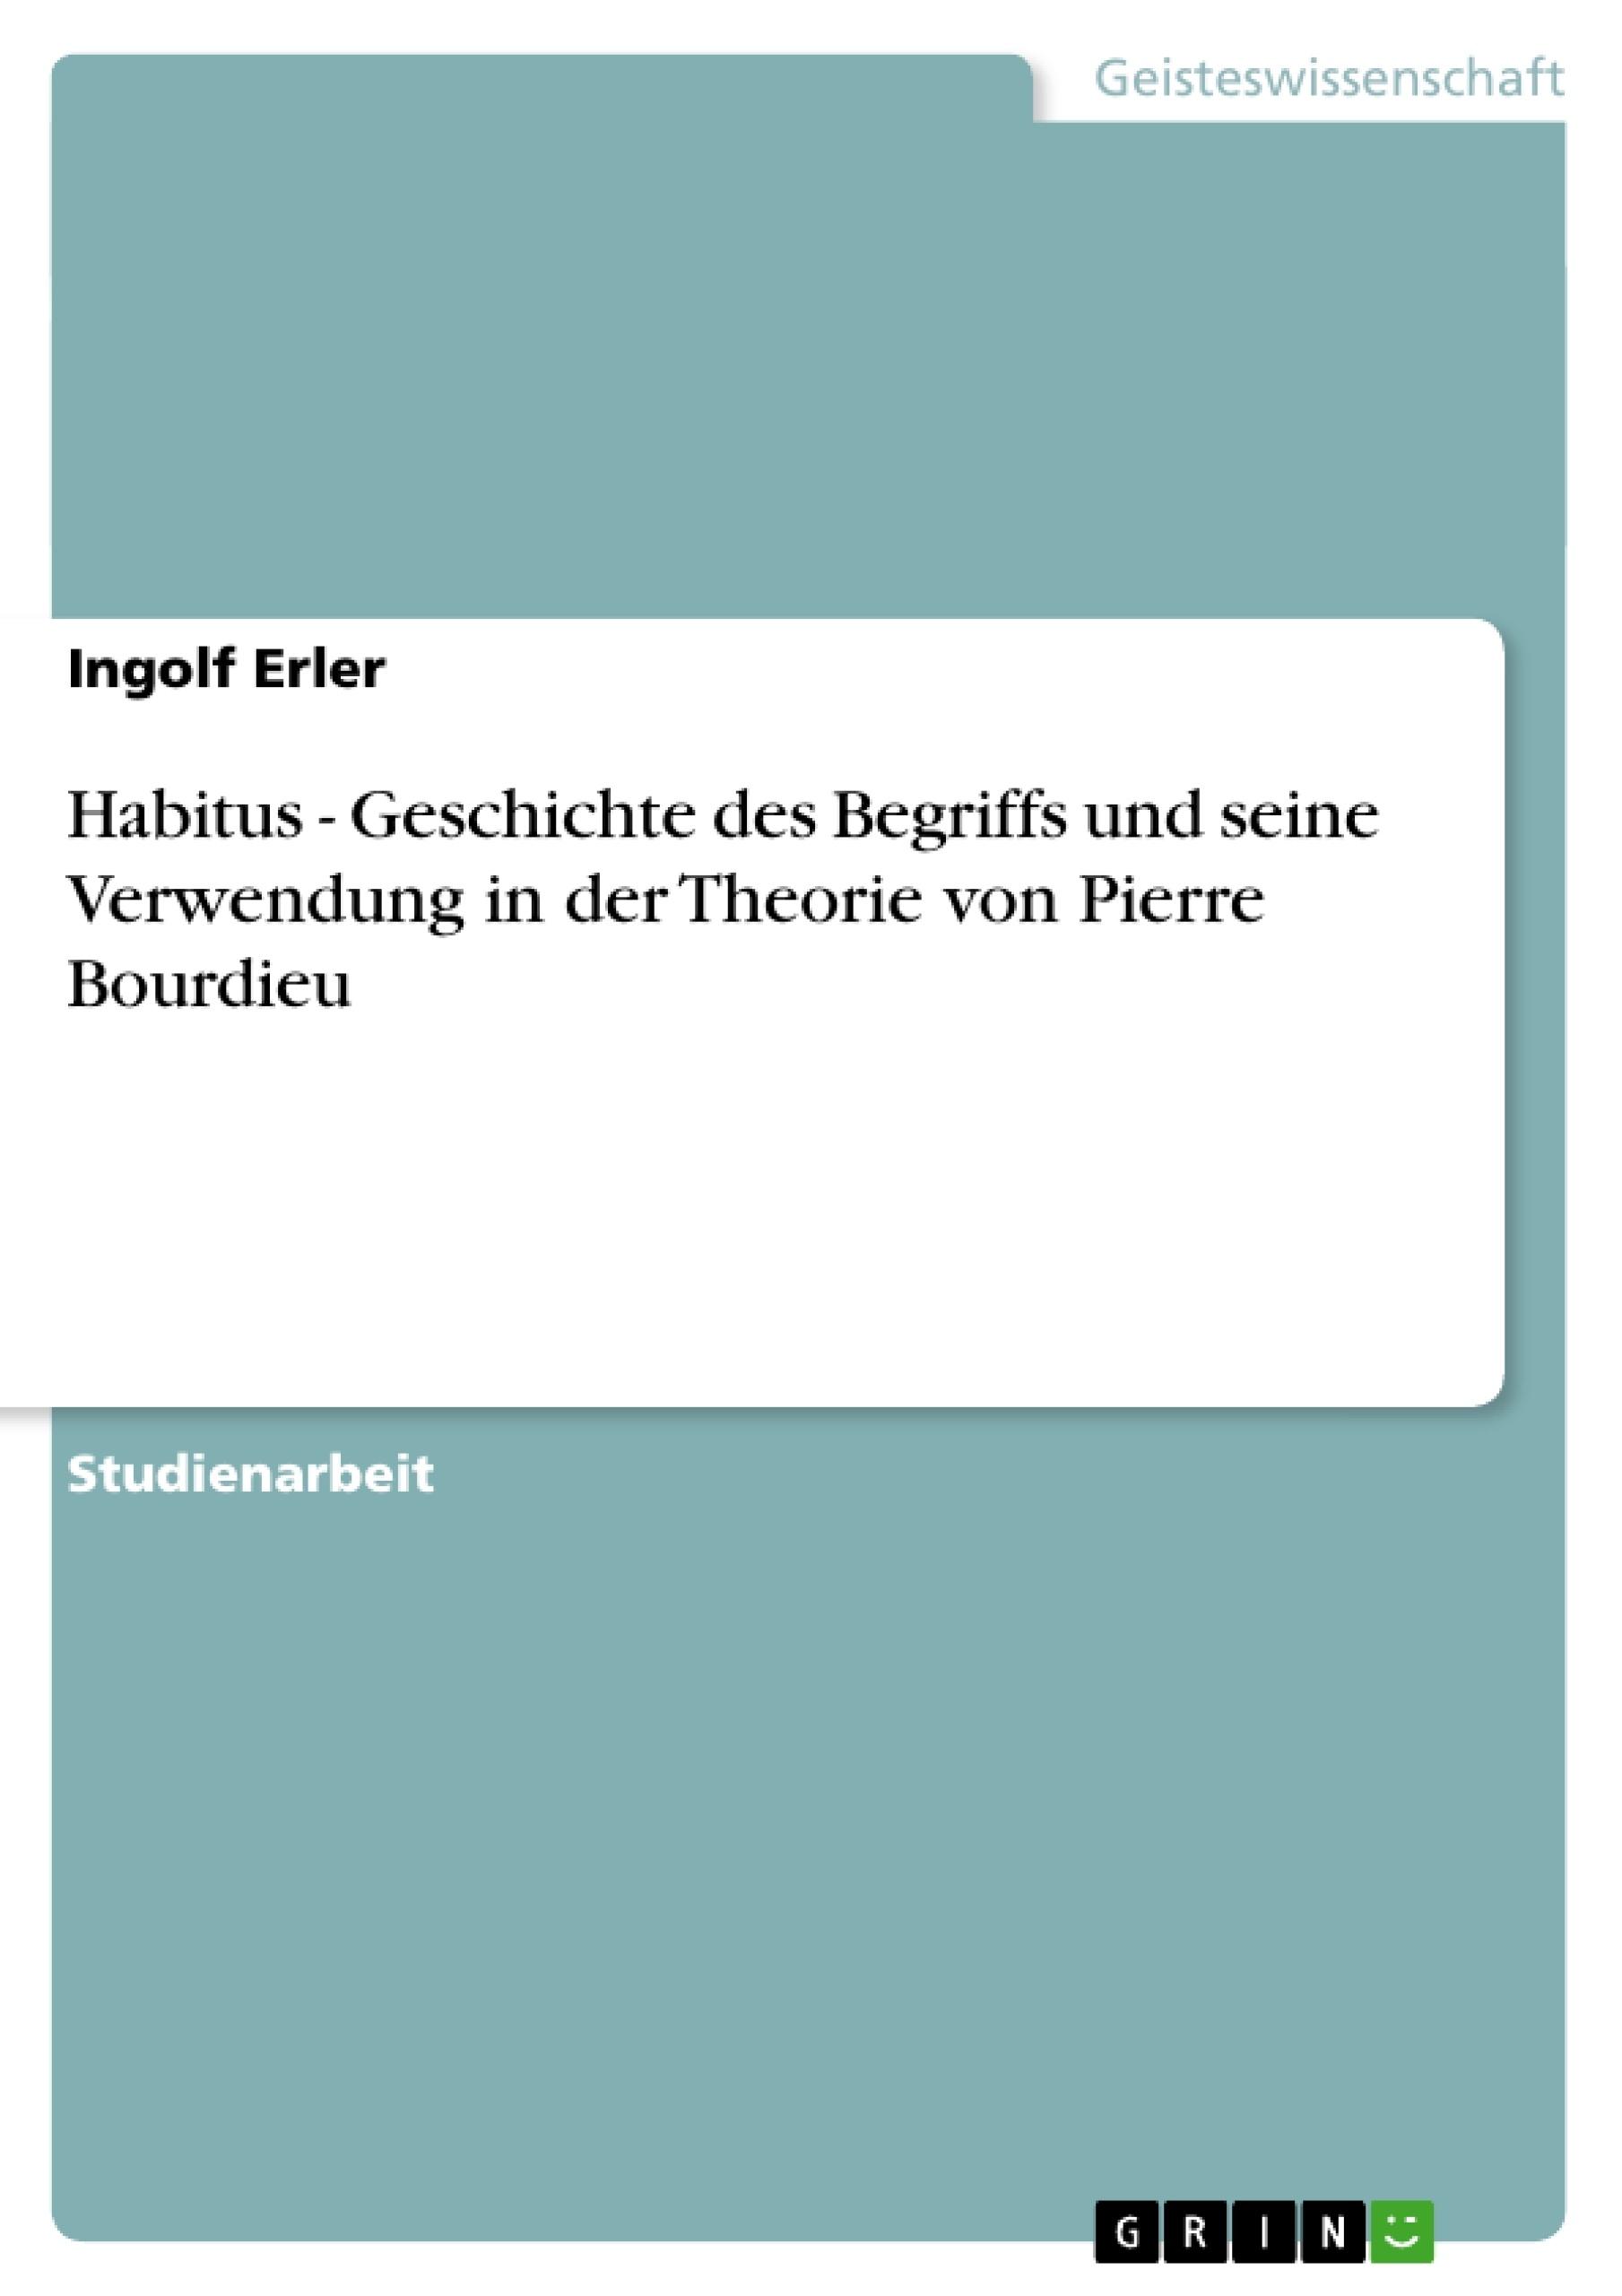 Titel: Habitus - Geschichte des Begriffs und seine Verwendung in der Theorie von Pierre Bourdieu